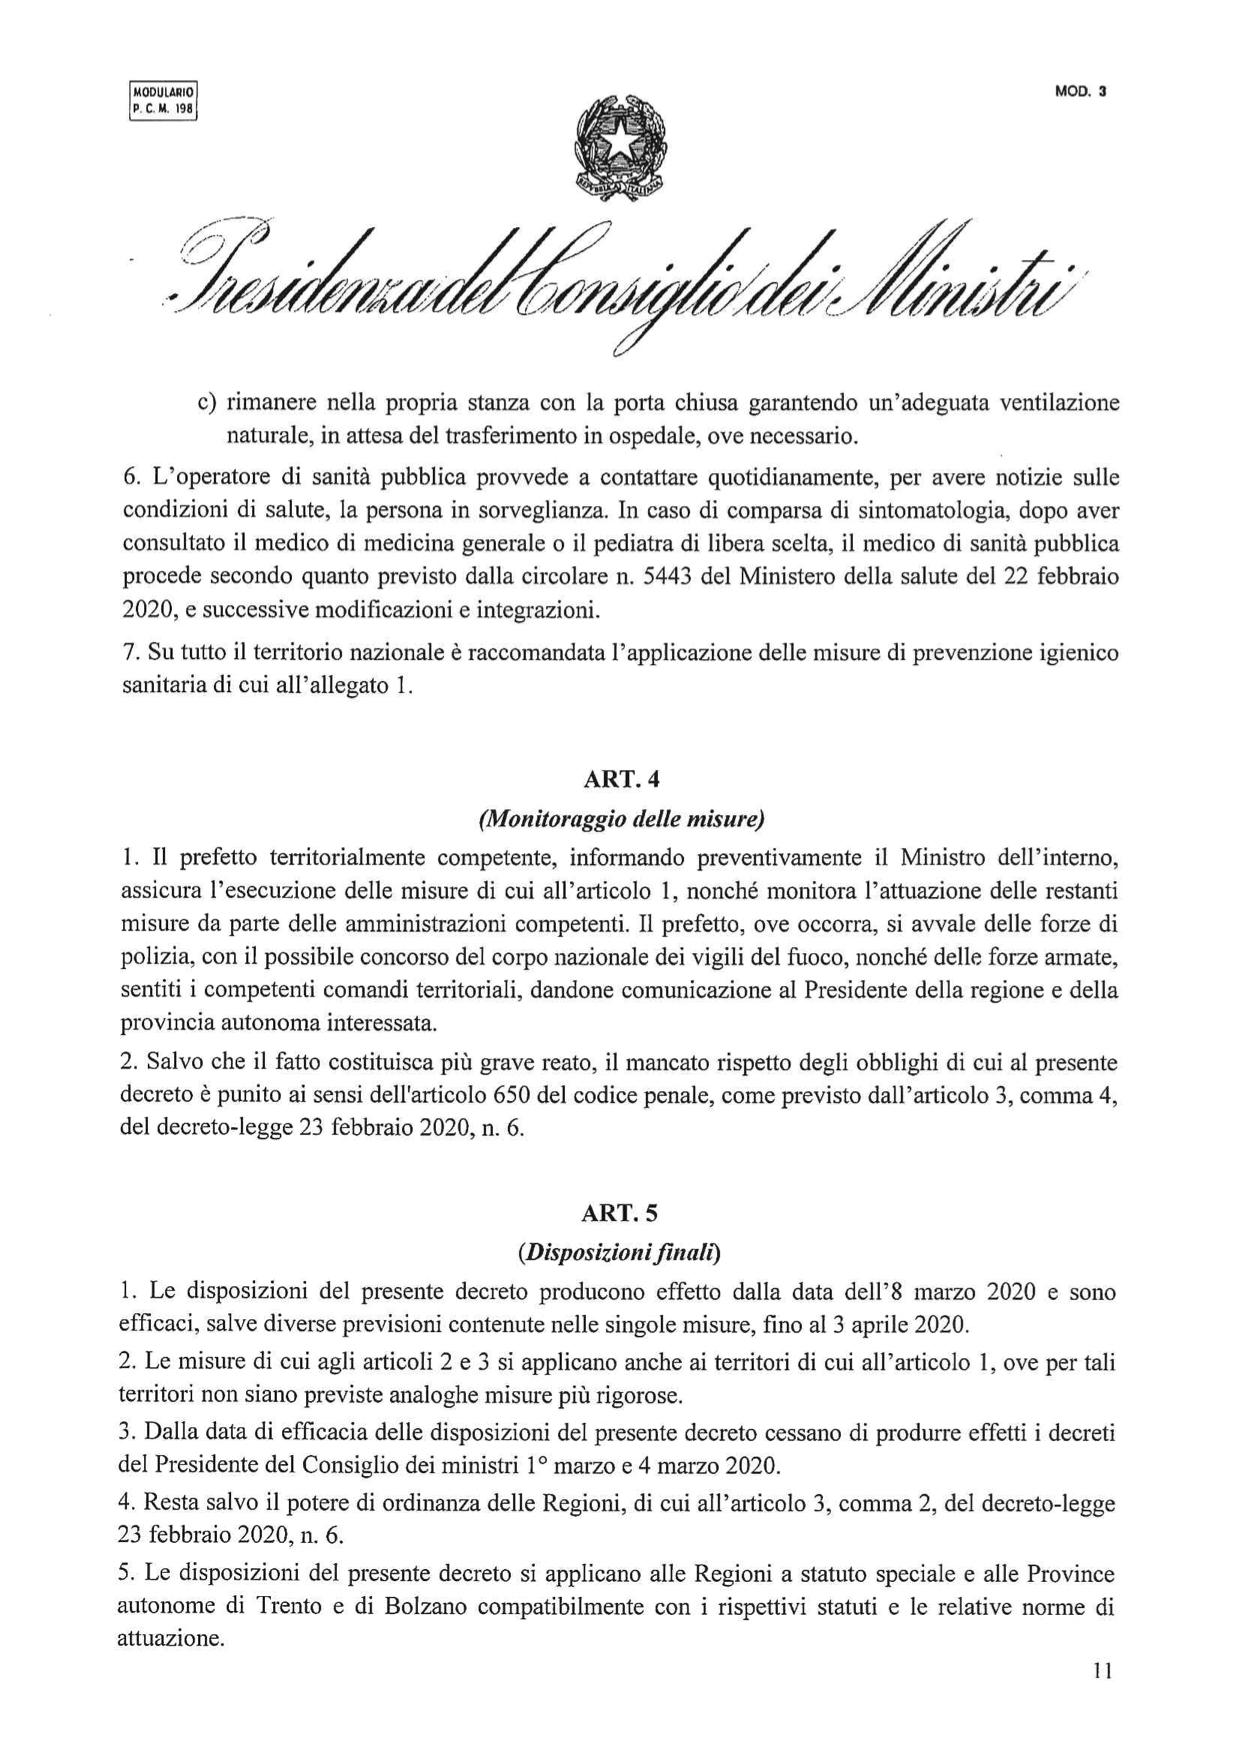 Gazzetta Ufficiale – Serie Generale n. 59 del 8-3-2020, Decreti Presidenziali: Decreto del Presidente del Consiglio dei Ministri, 8 marzo 2020